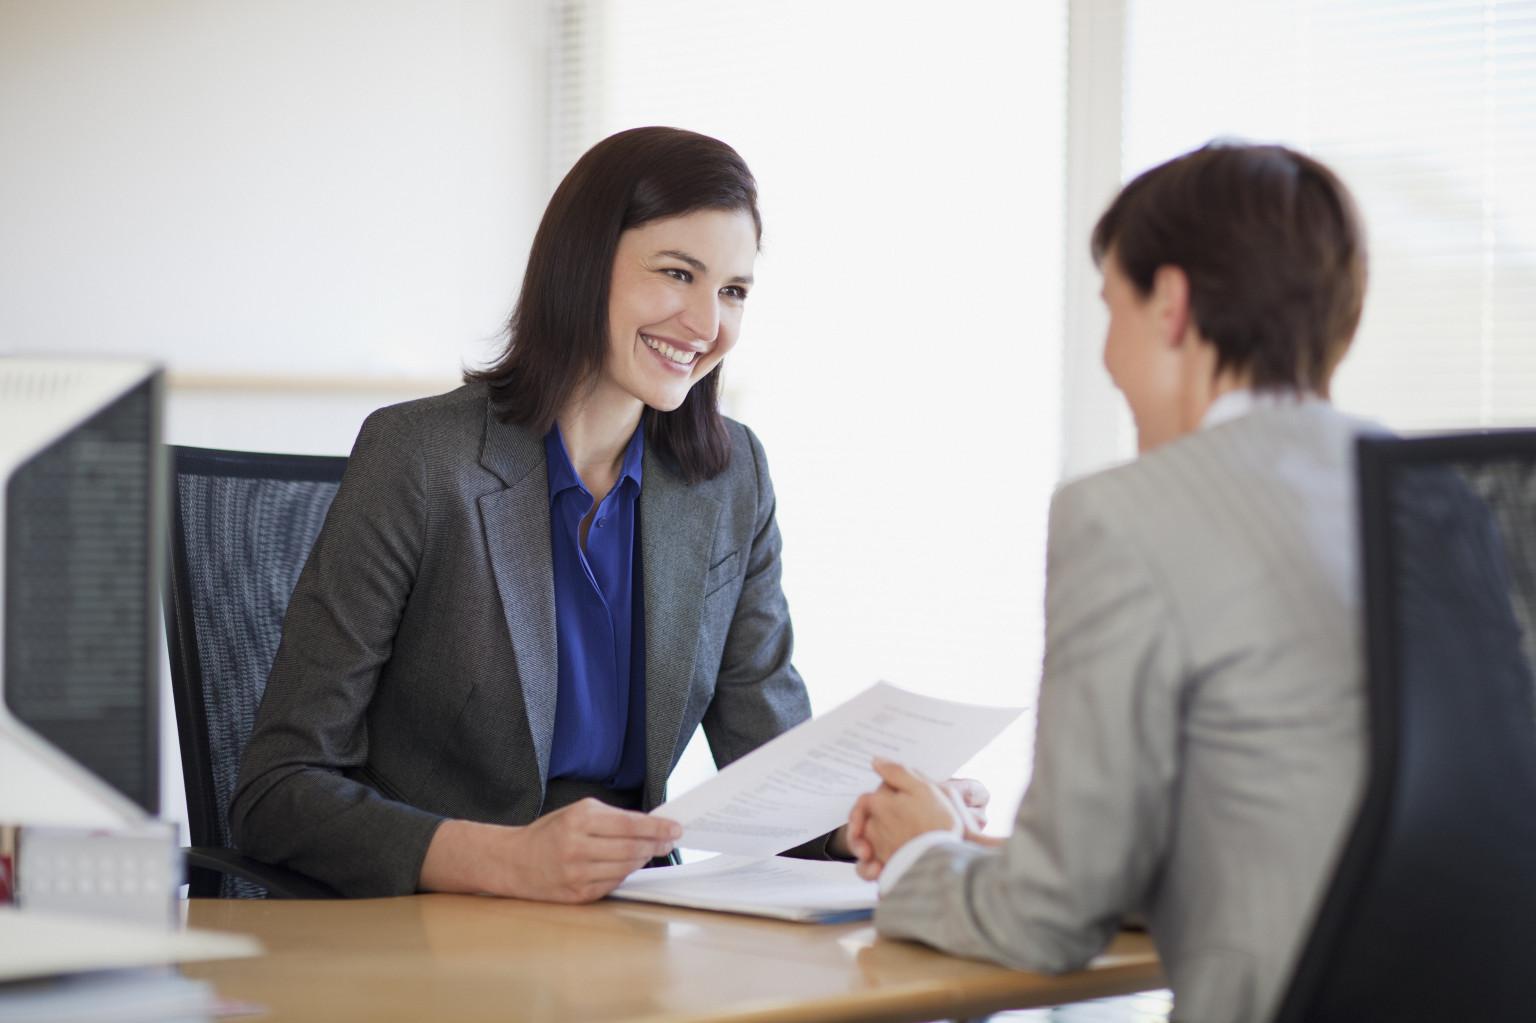 Những lưu ý để có một buổi phỏng vấn thành công